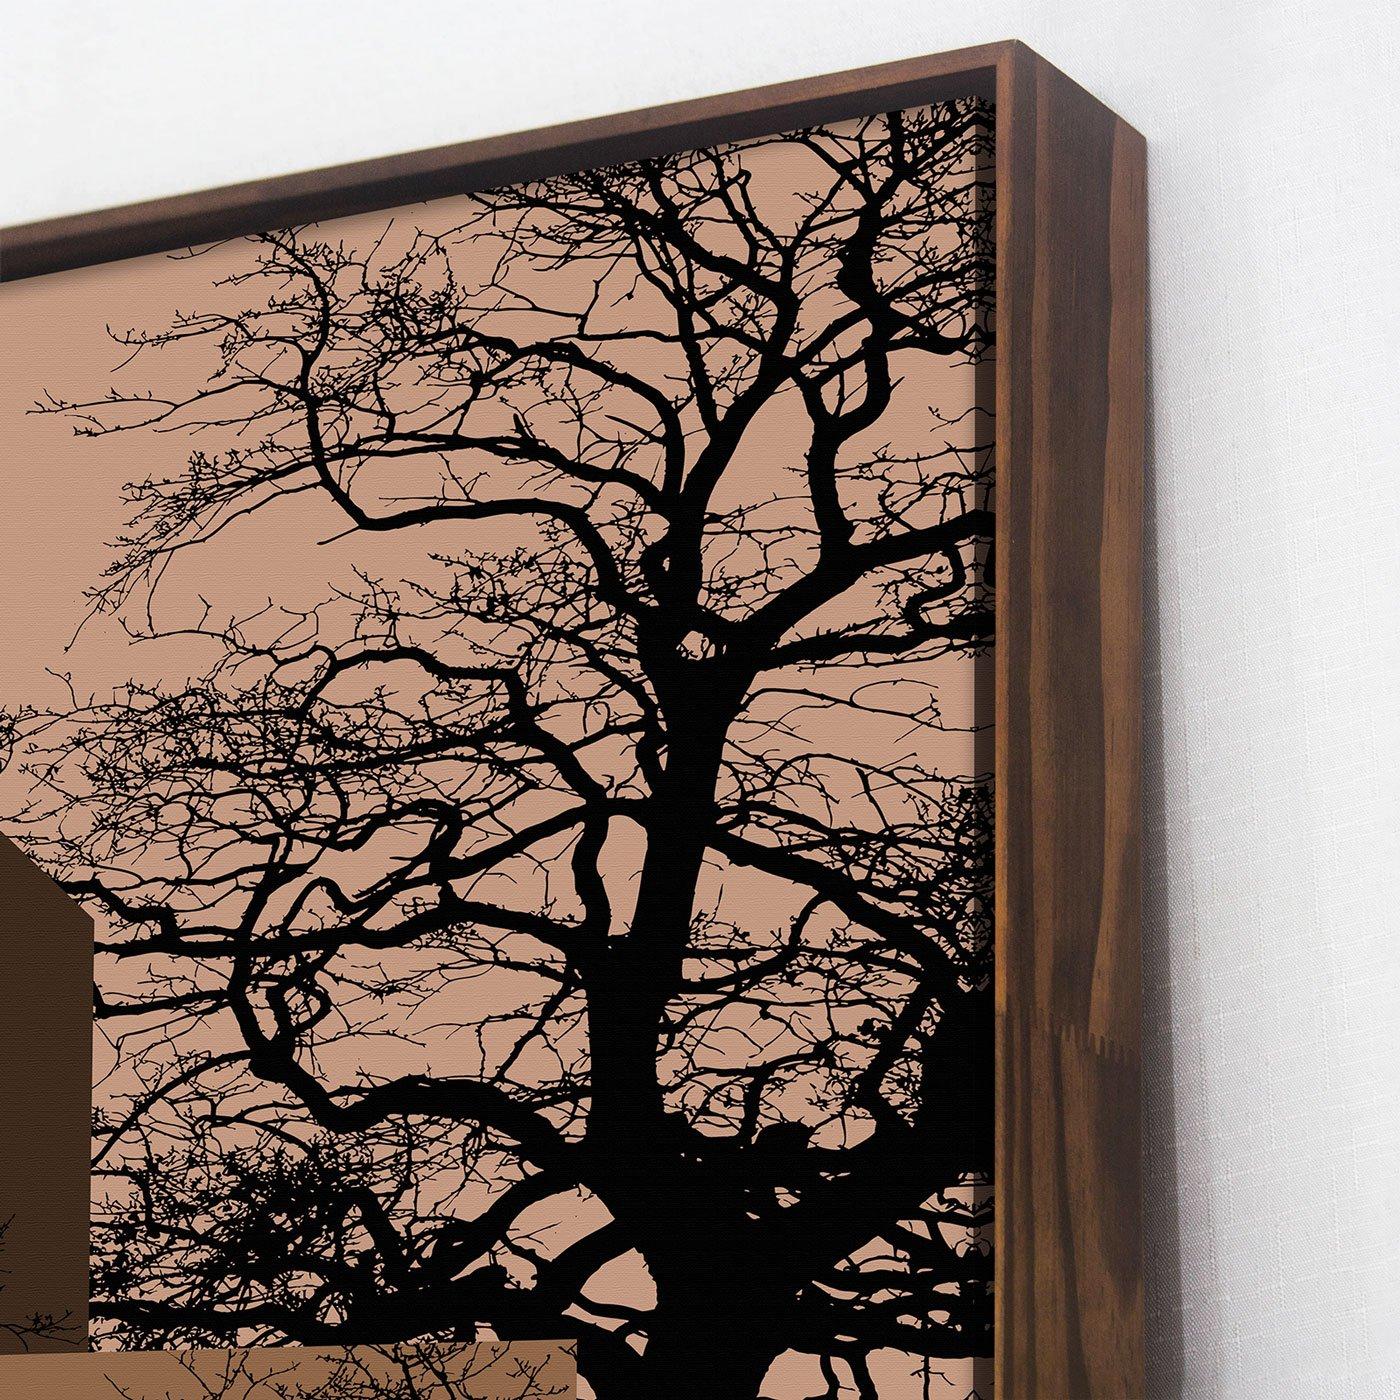 Quadro Tela Canvas Arte Geométrica com Árvores 90x120 cm